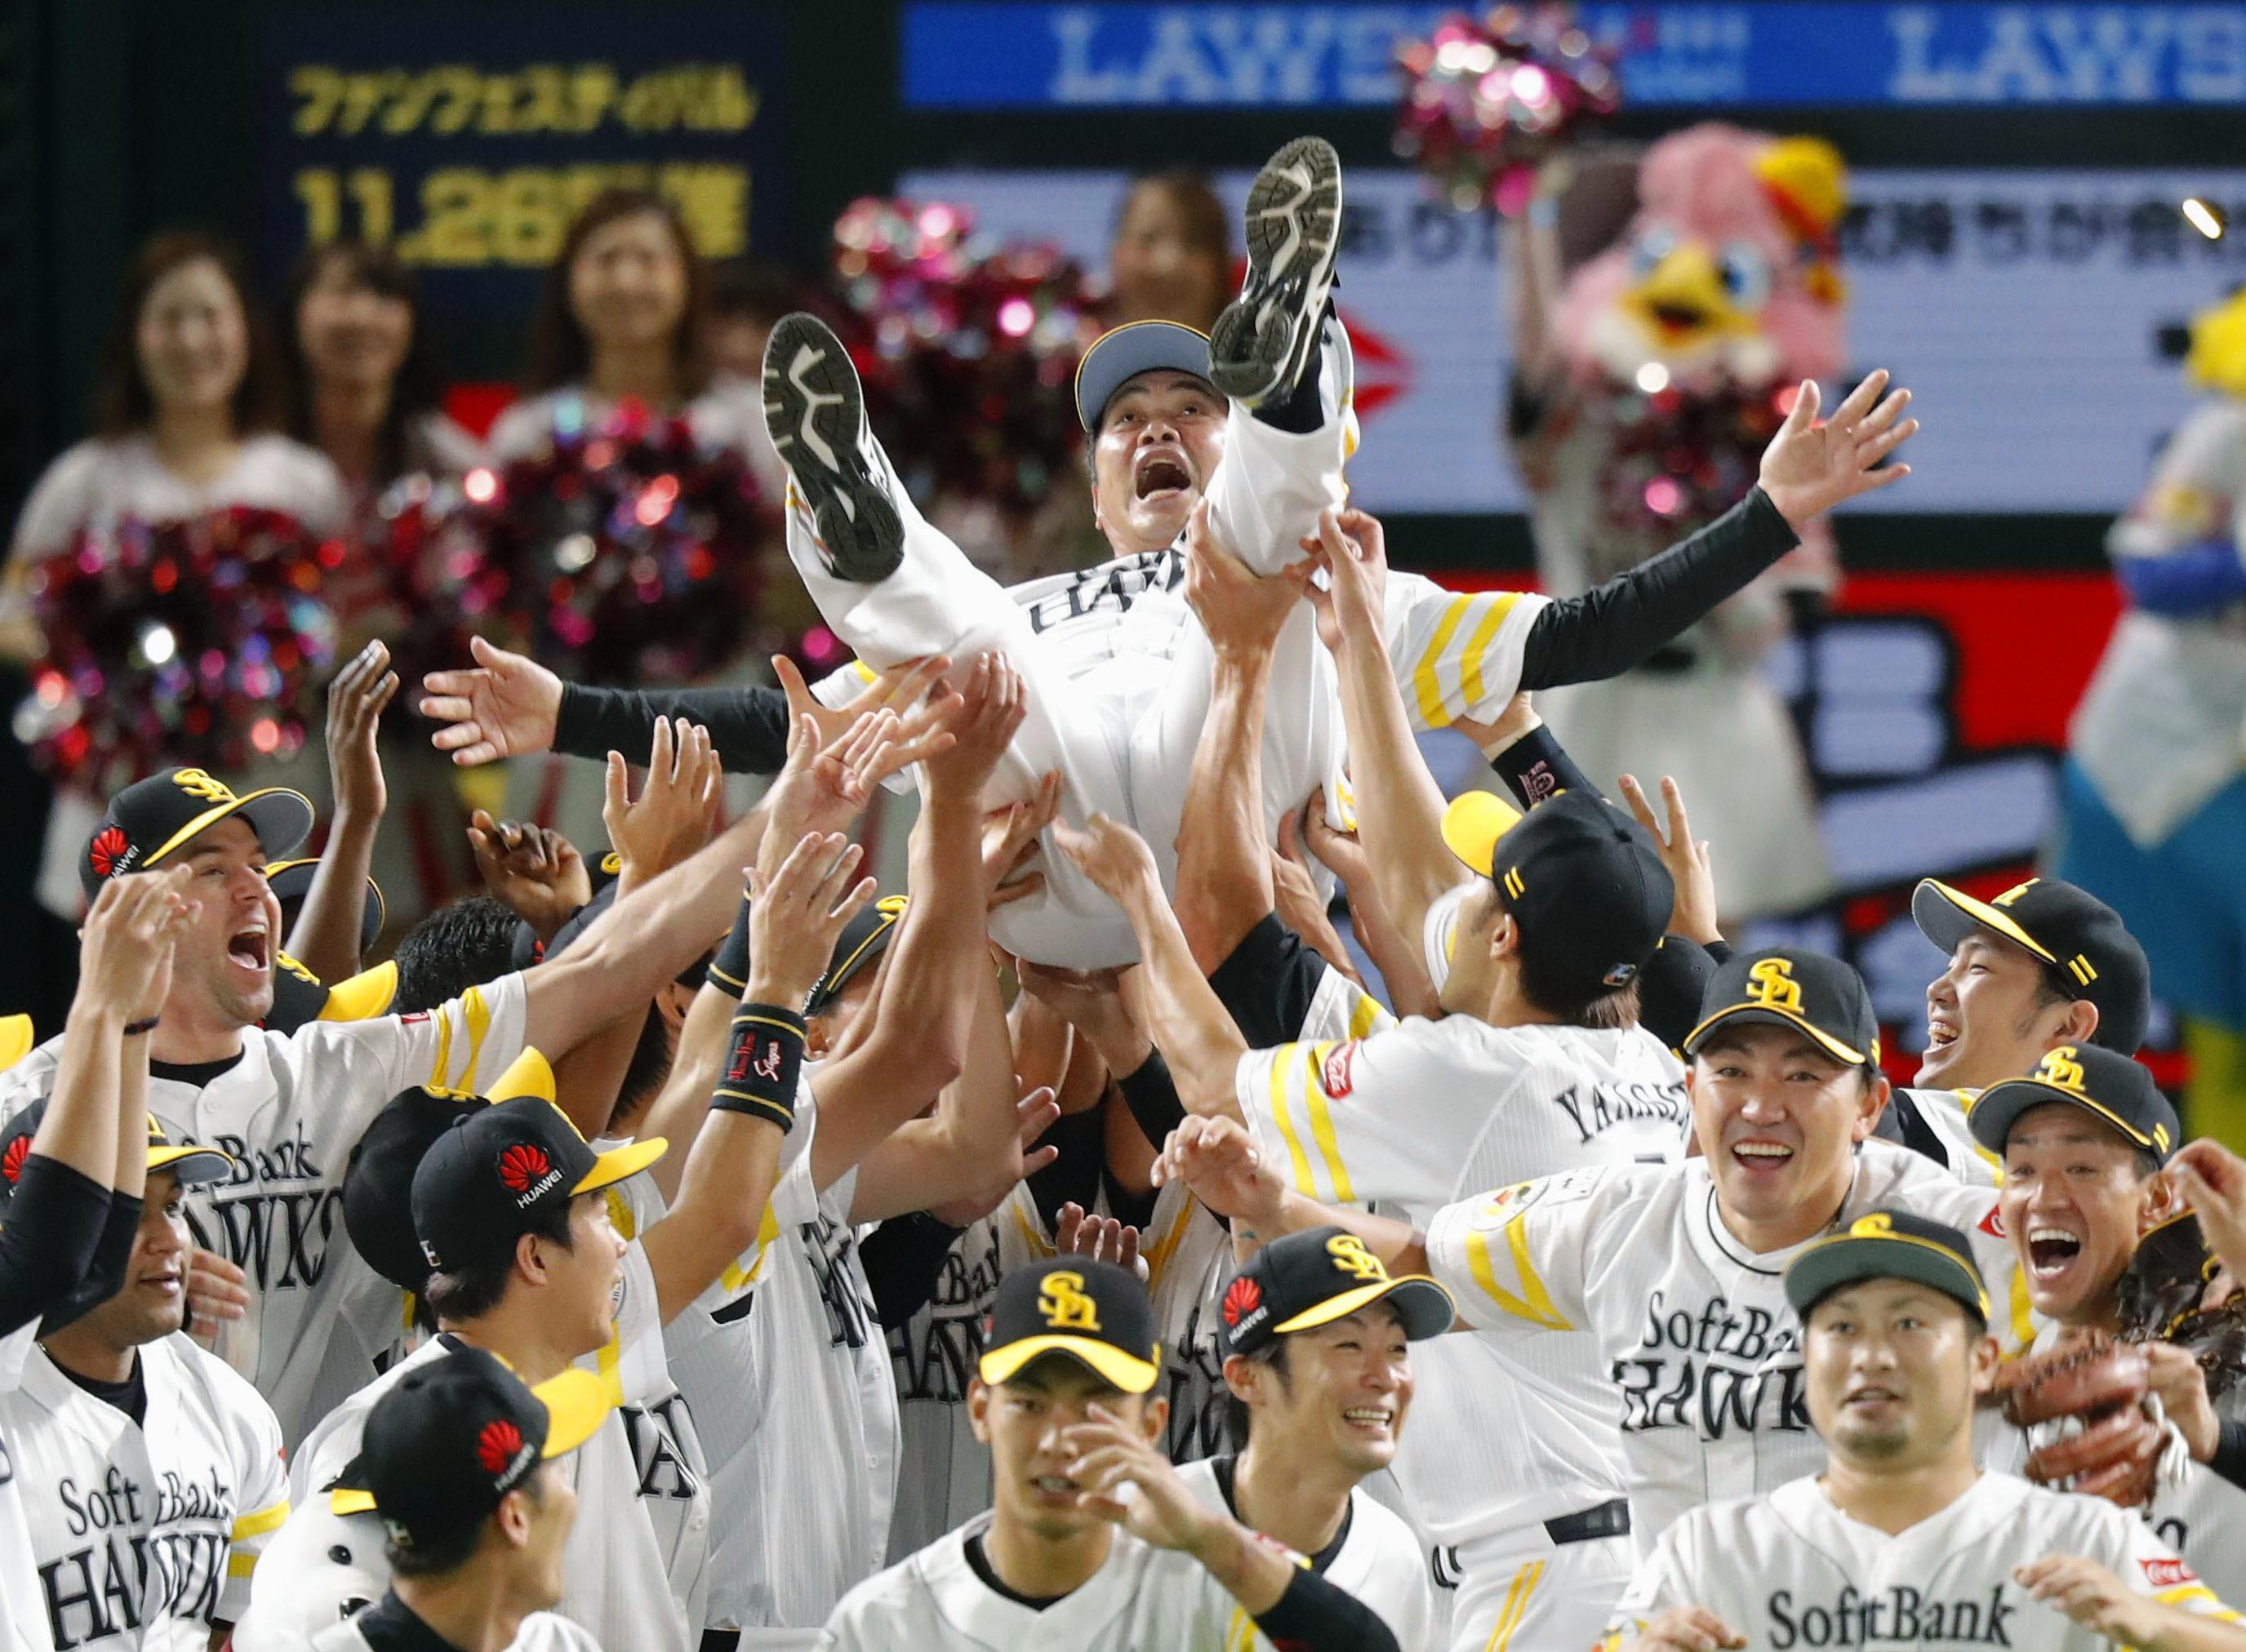 福岡ソフトバンクホークス(2017年日本シリーズ優勝セレモニー)